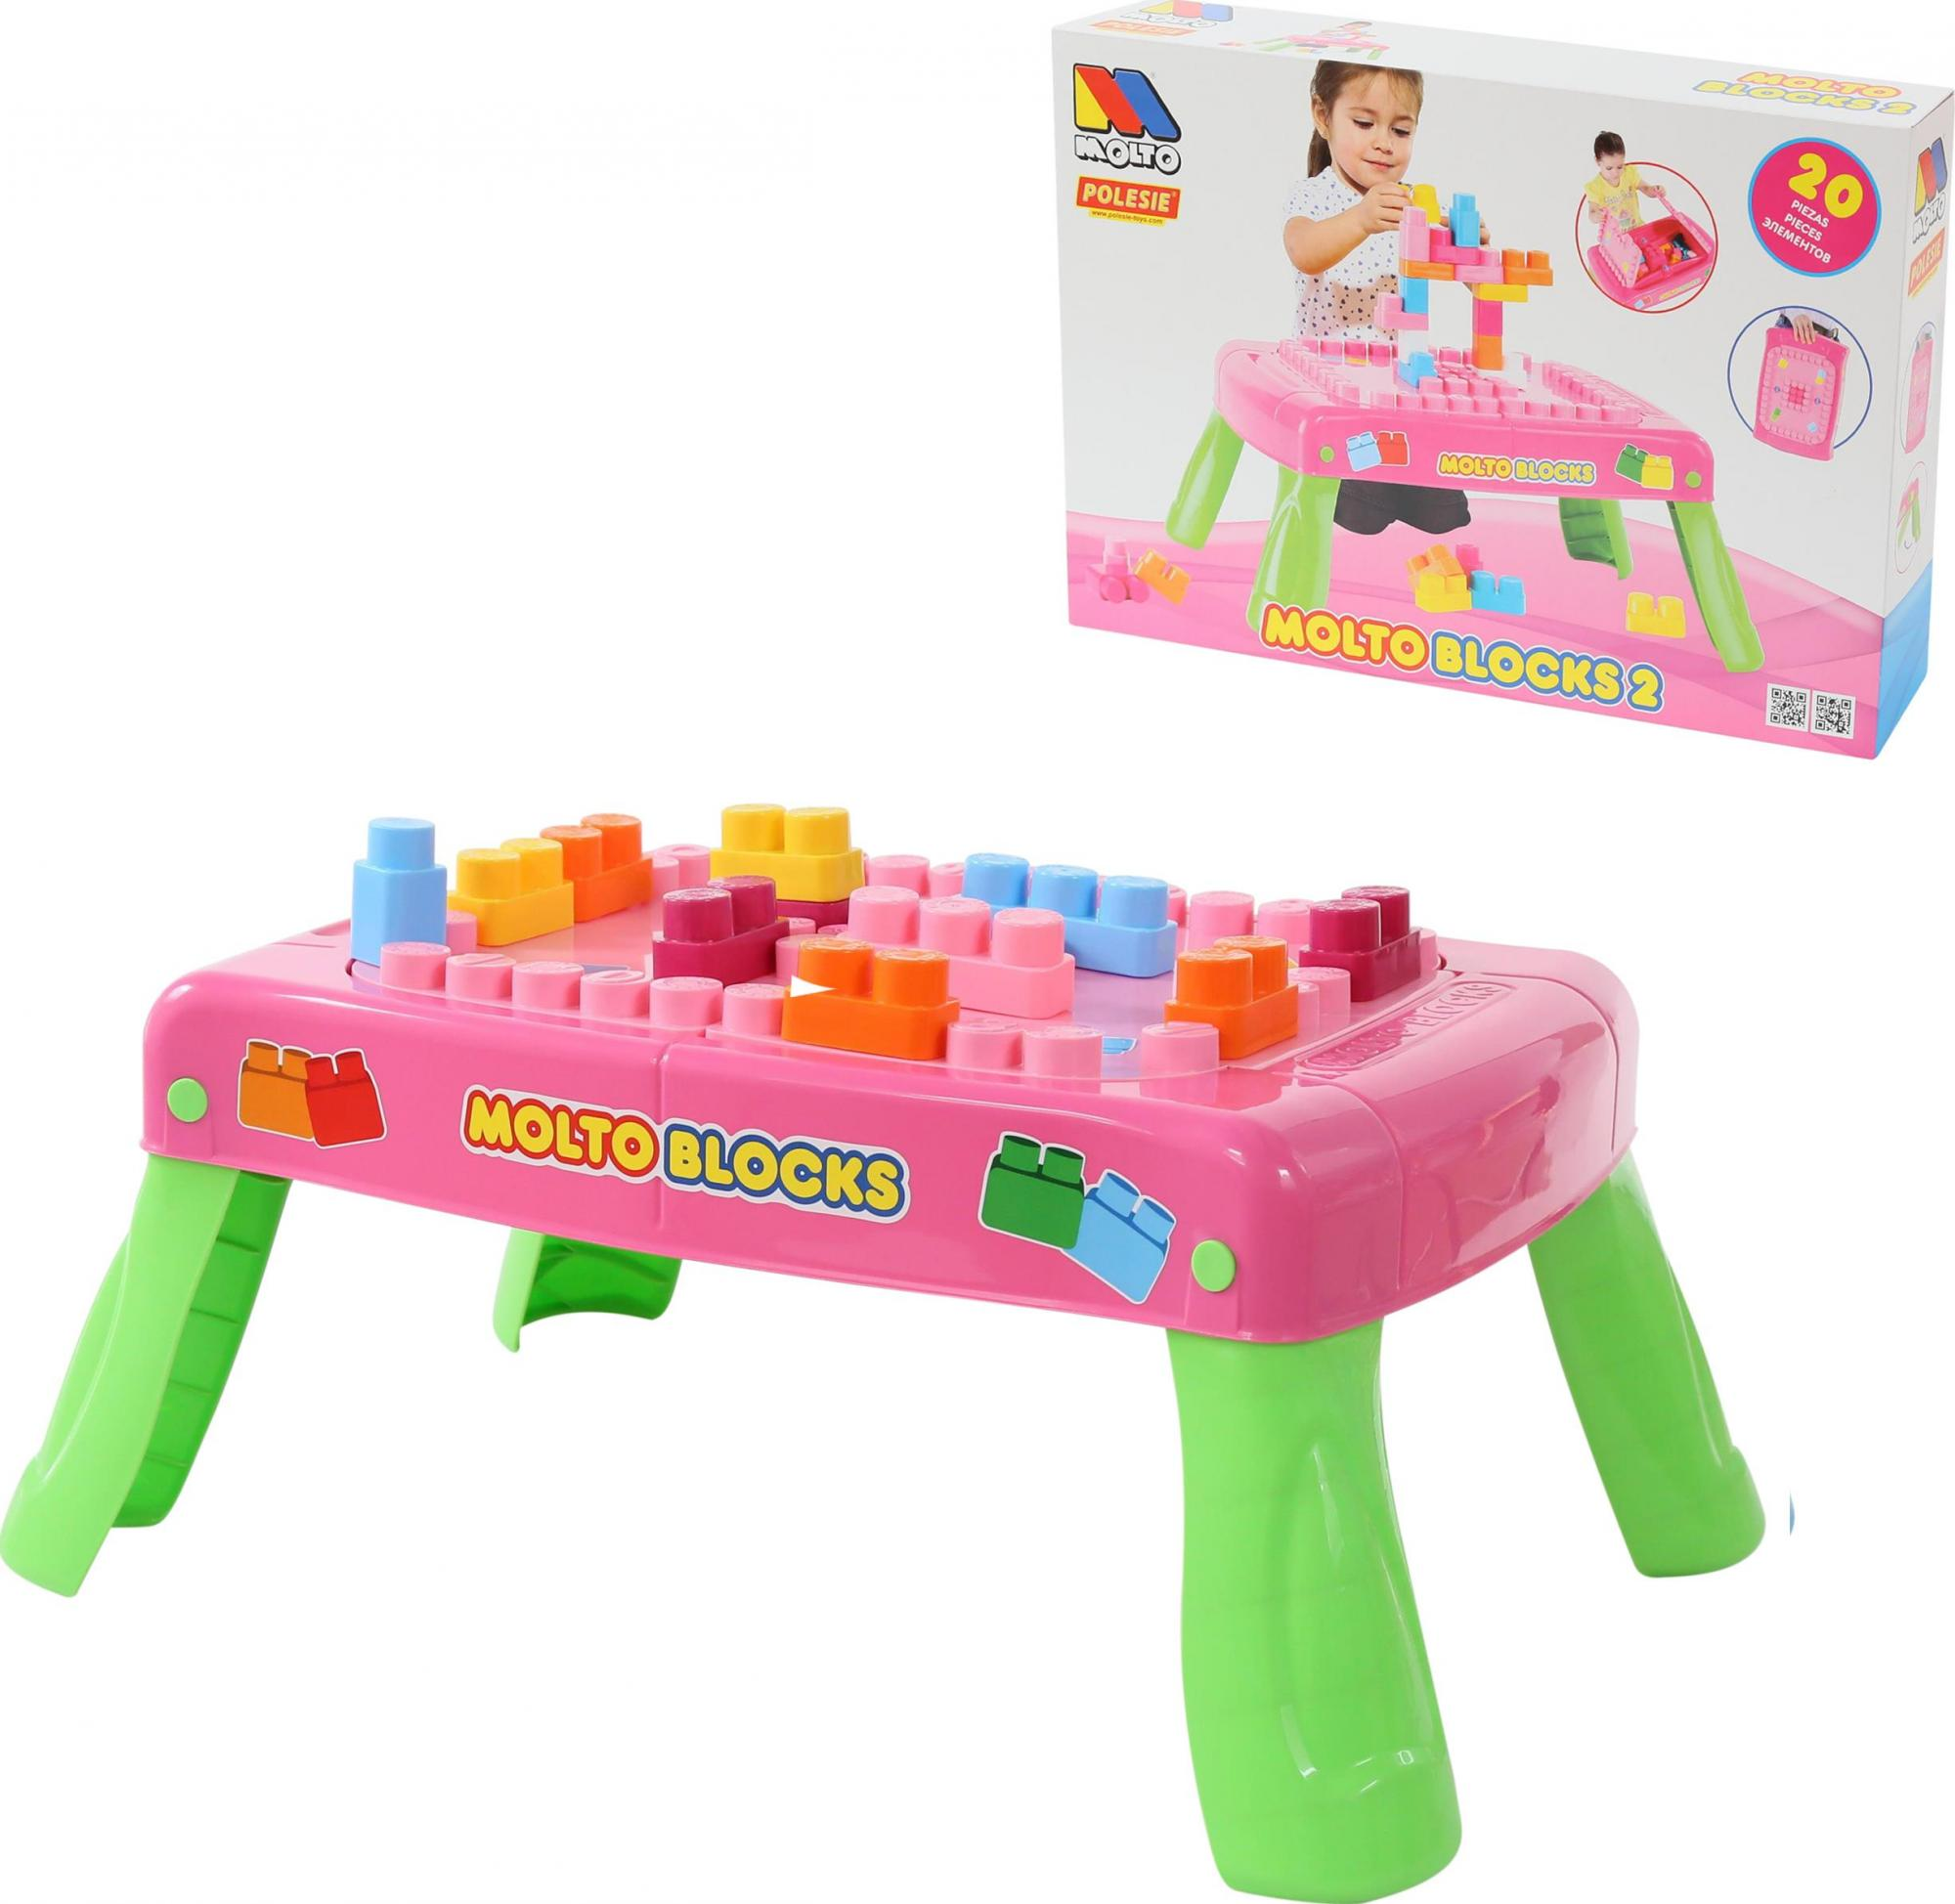 Игровой стол с конструктором, 20 элементов, в коробке, розовыйКонструкторы других производителей<br>Игровой стол с конструктором, 20 элементов, в коробке, розовый<br>